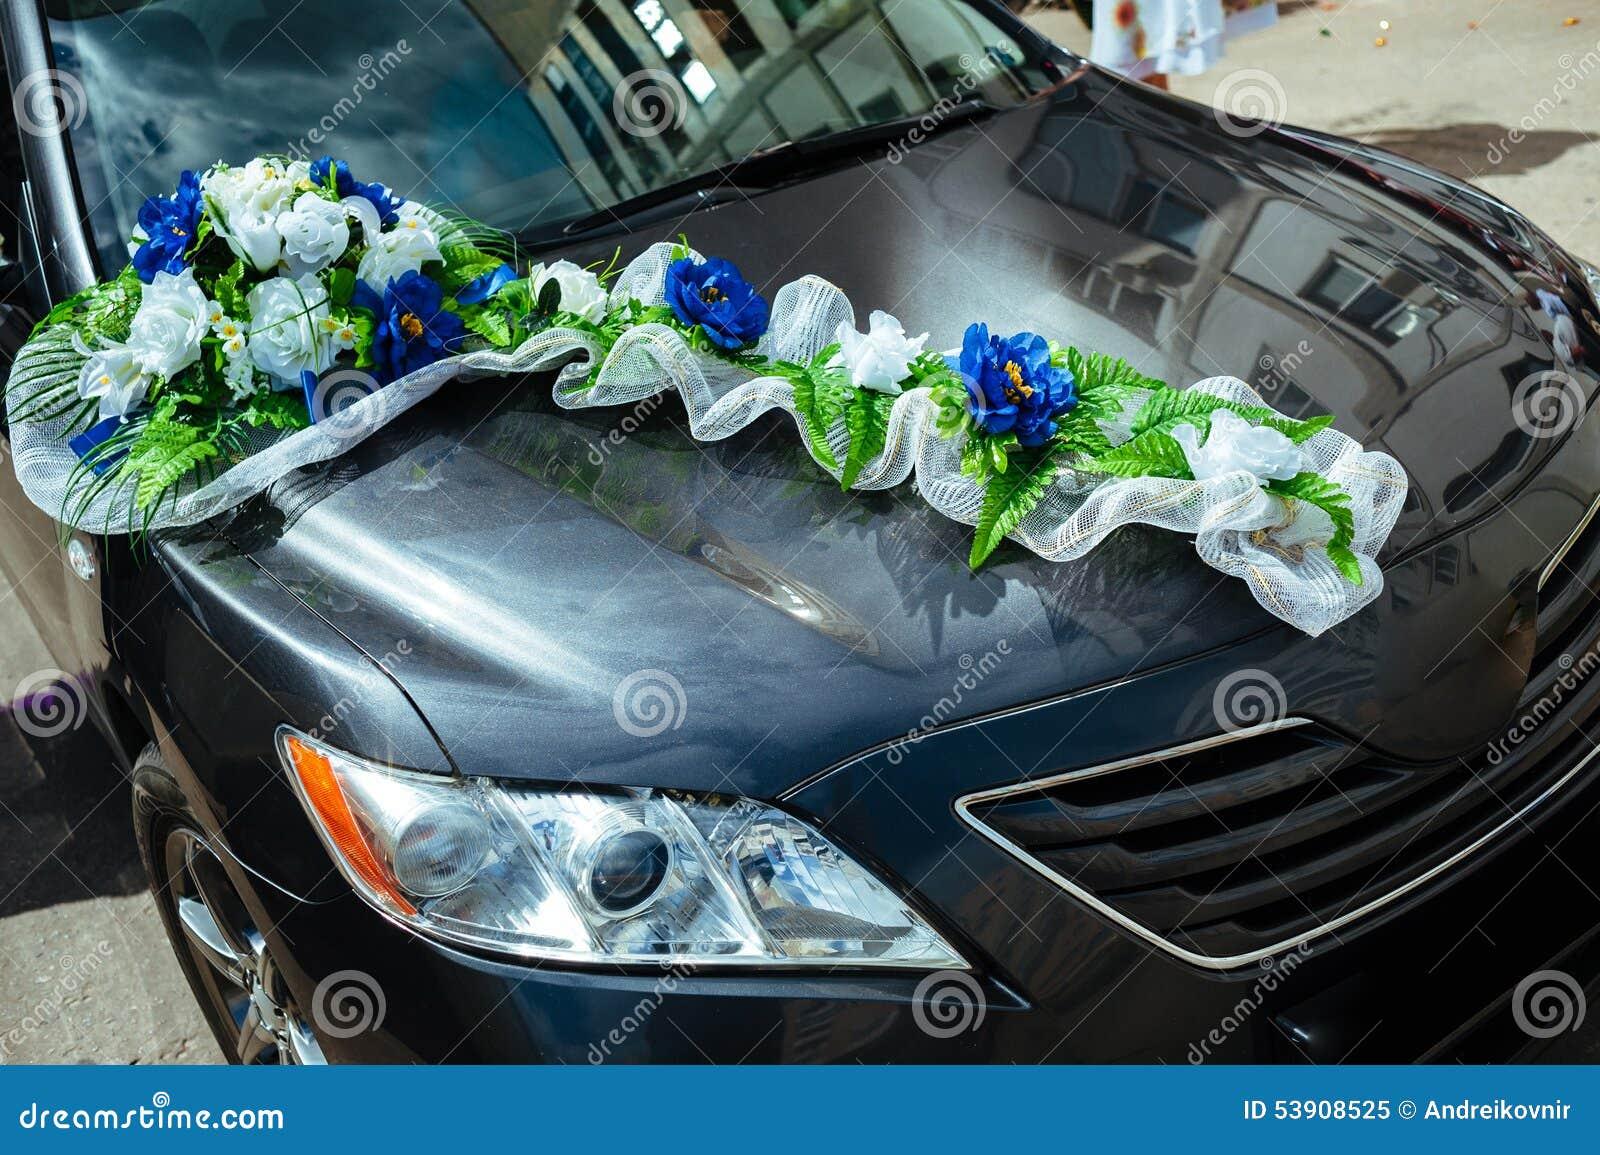 voiture de mariage d cor e des bouquets des roses blanches photo stock image 53908525. Black Bedroom Furniture Sets. Home Design Ideas